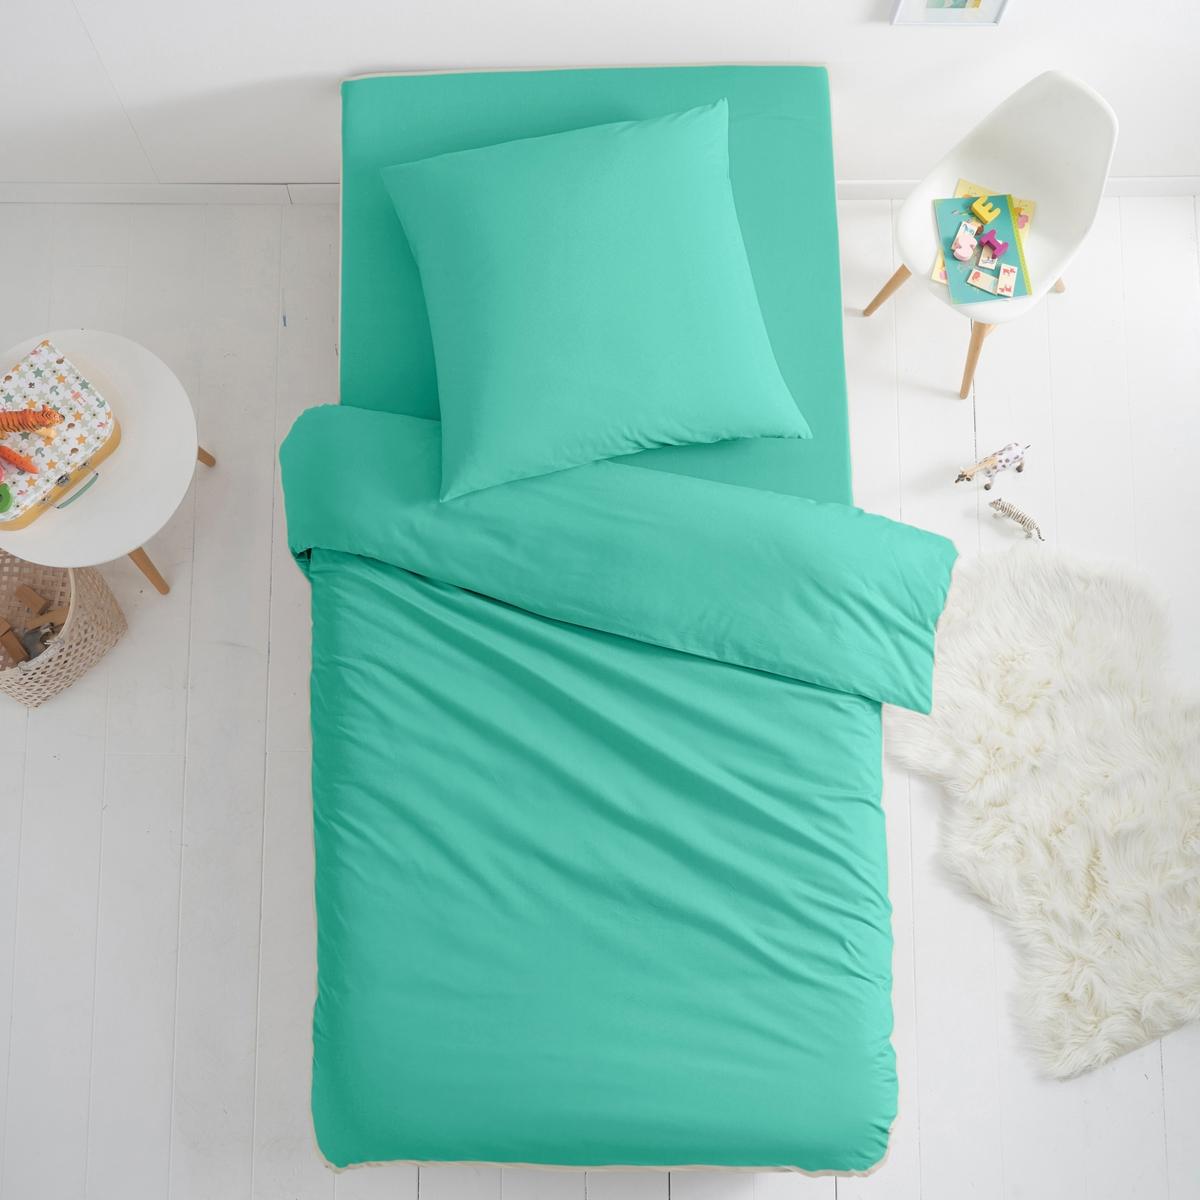 Kinder-Bettbezug SCENARIO aus Baumwolle | Kinderzimmer | Baumwolle | La Redoute Interieurs